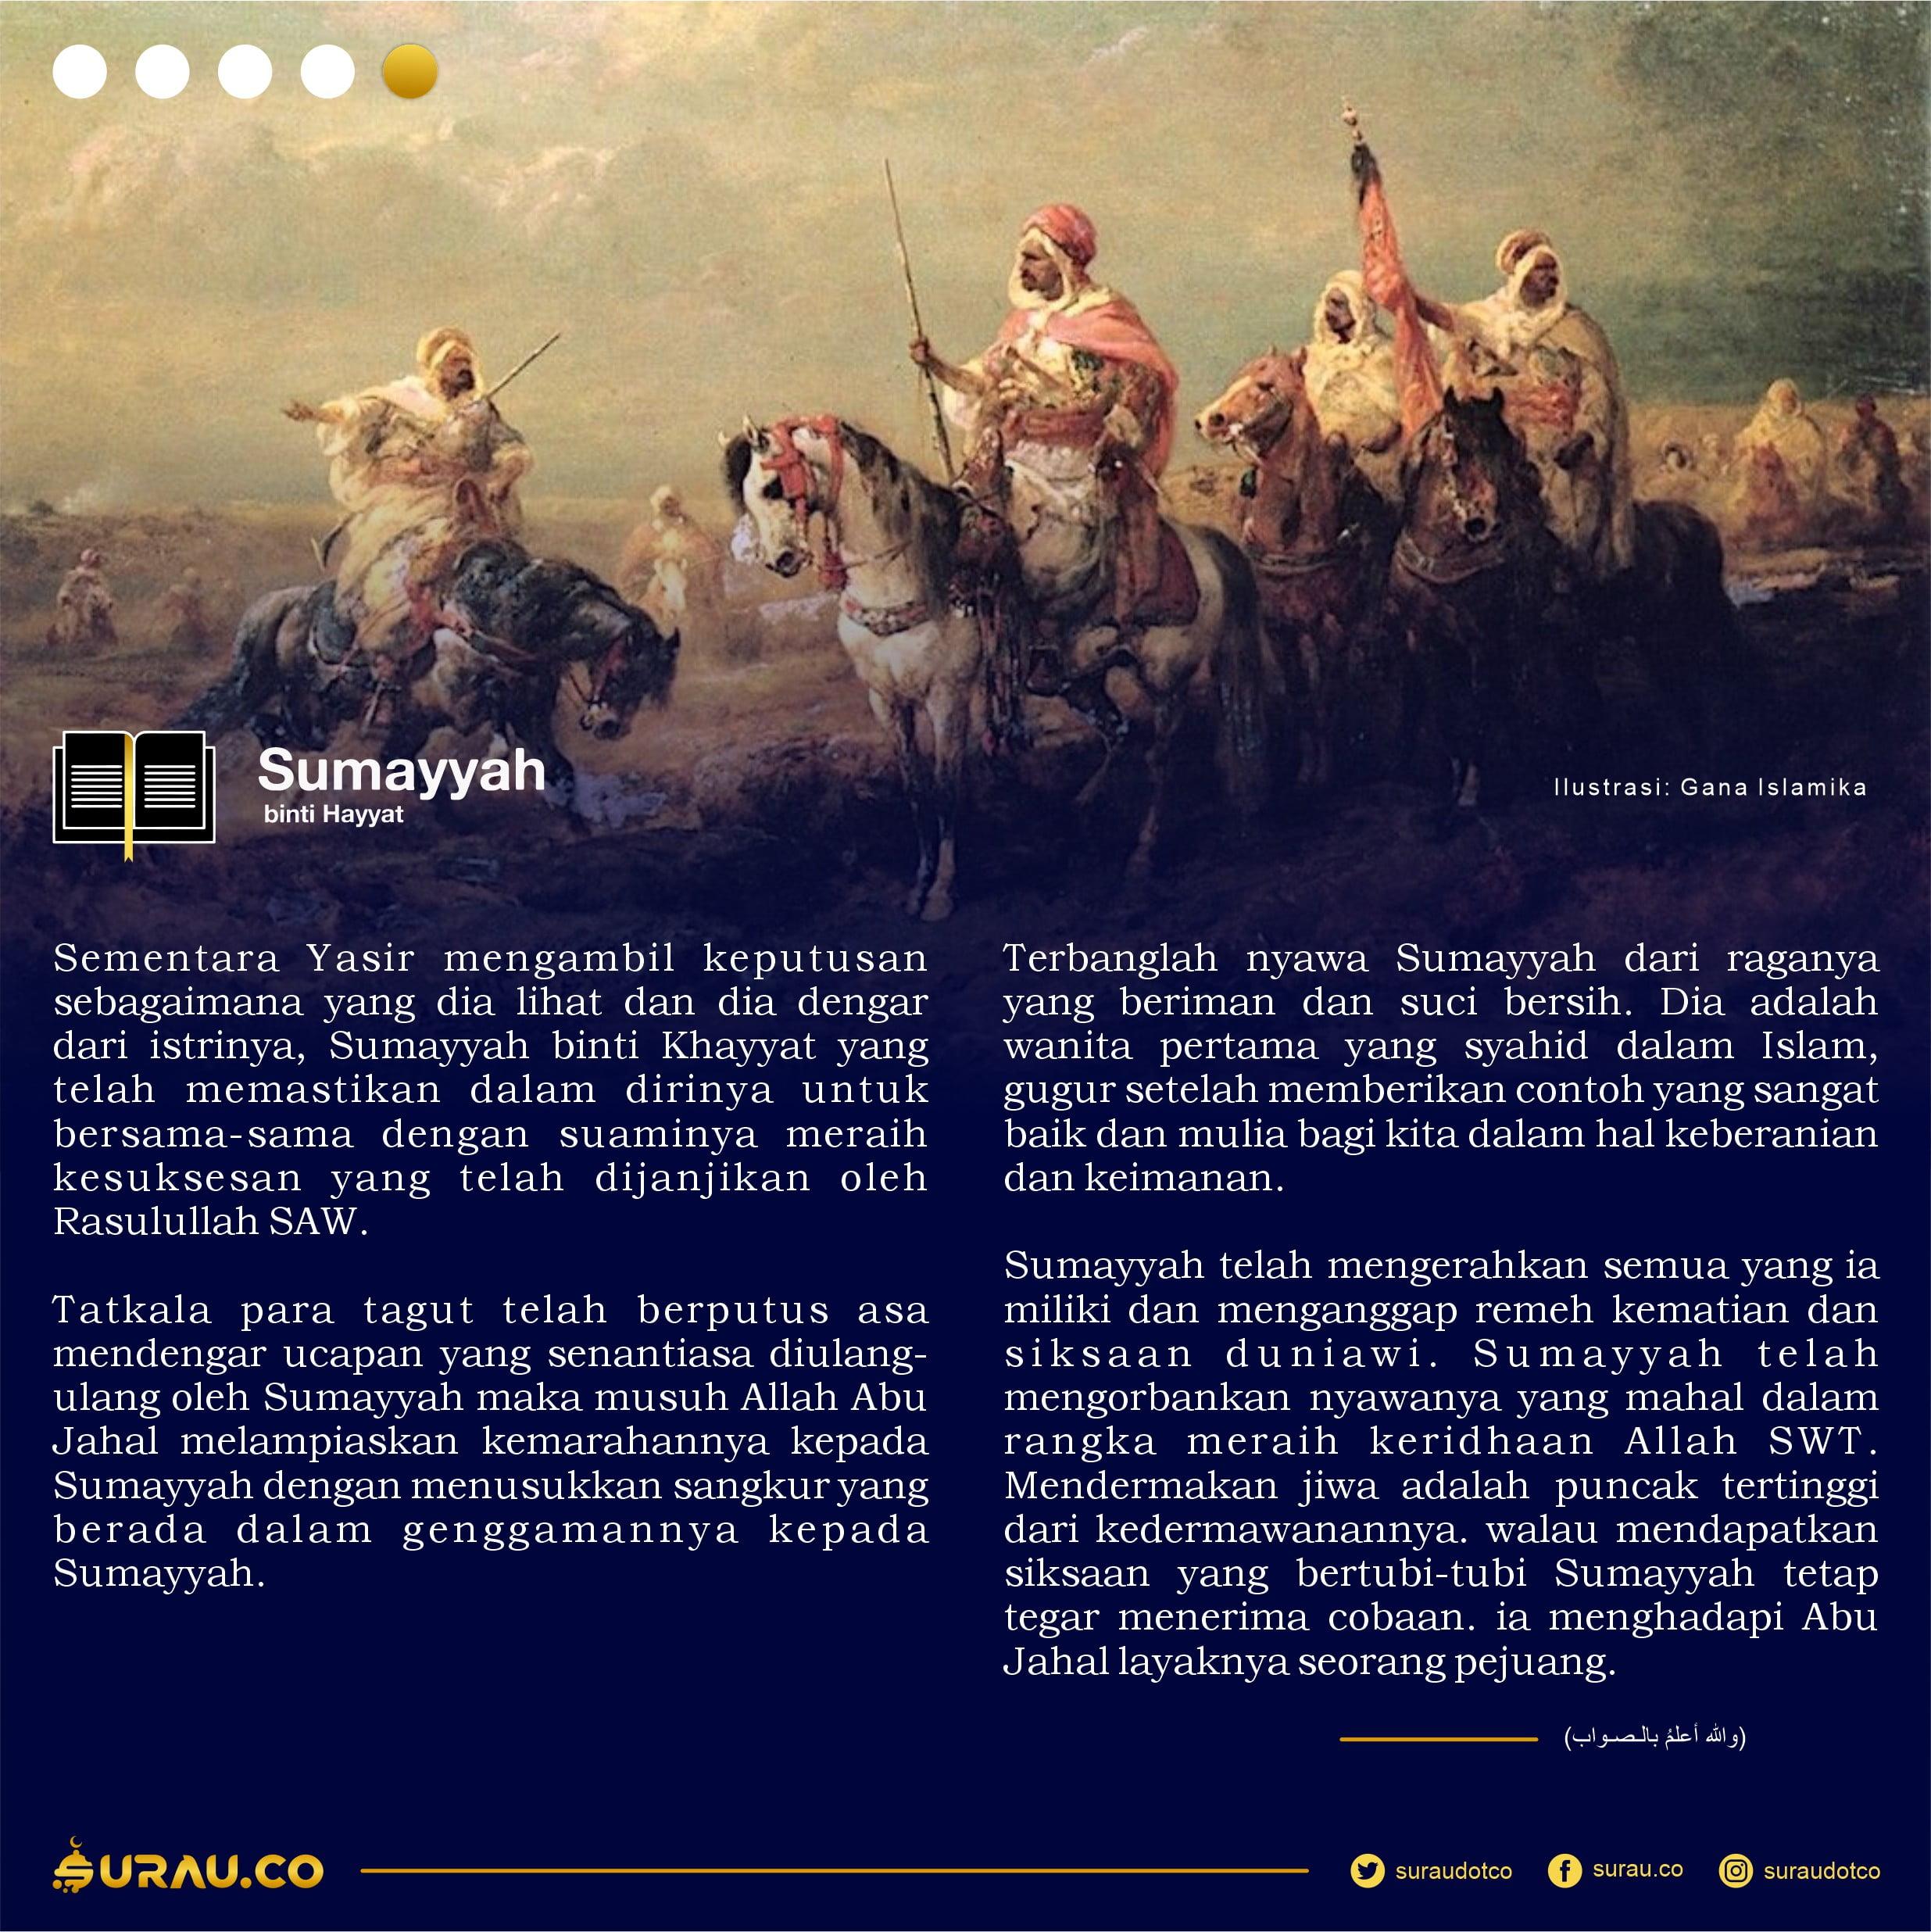 Kisah Sumayyah slide 5